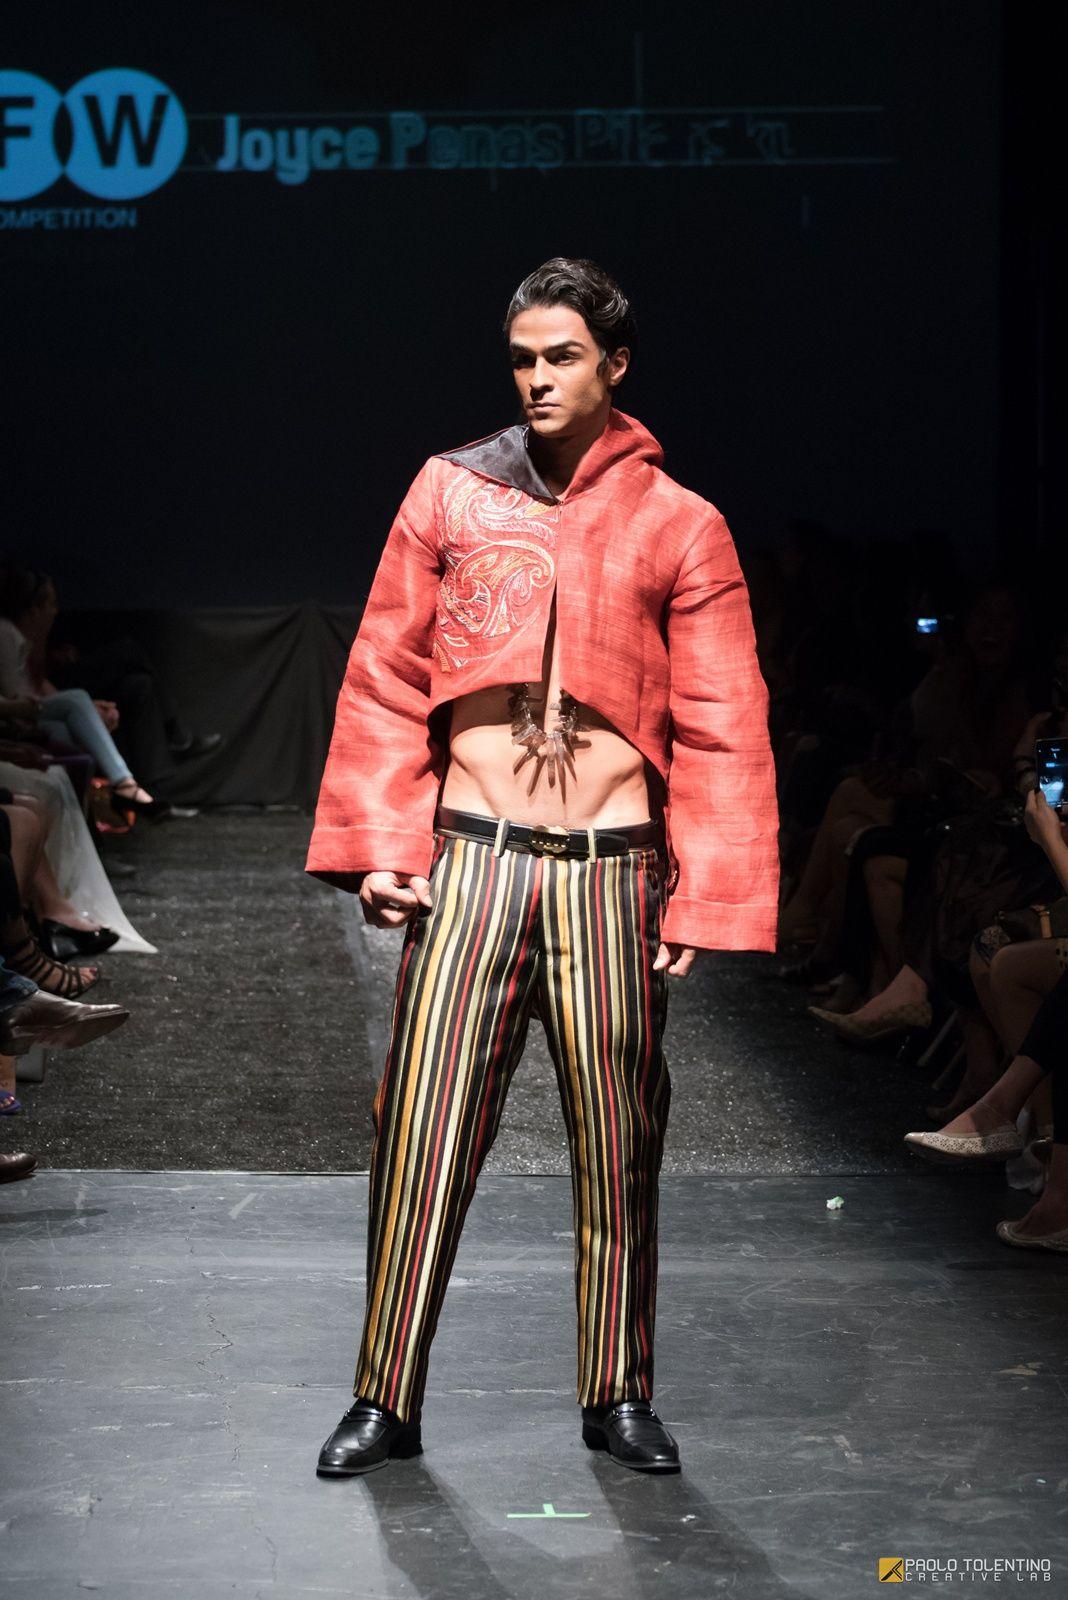 Lafwdc Look 11 Fashion International Fashion Designers Los Angeles Fashion Week